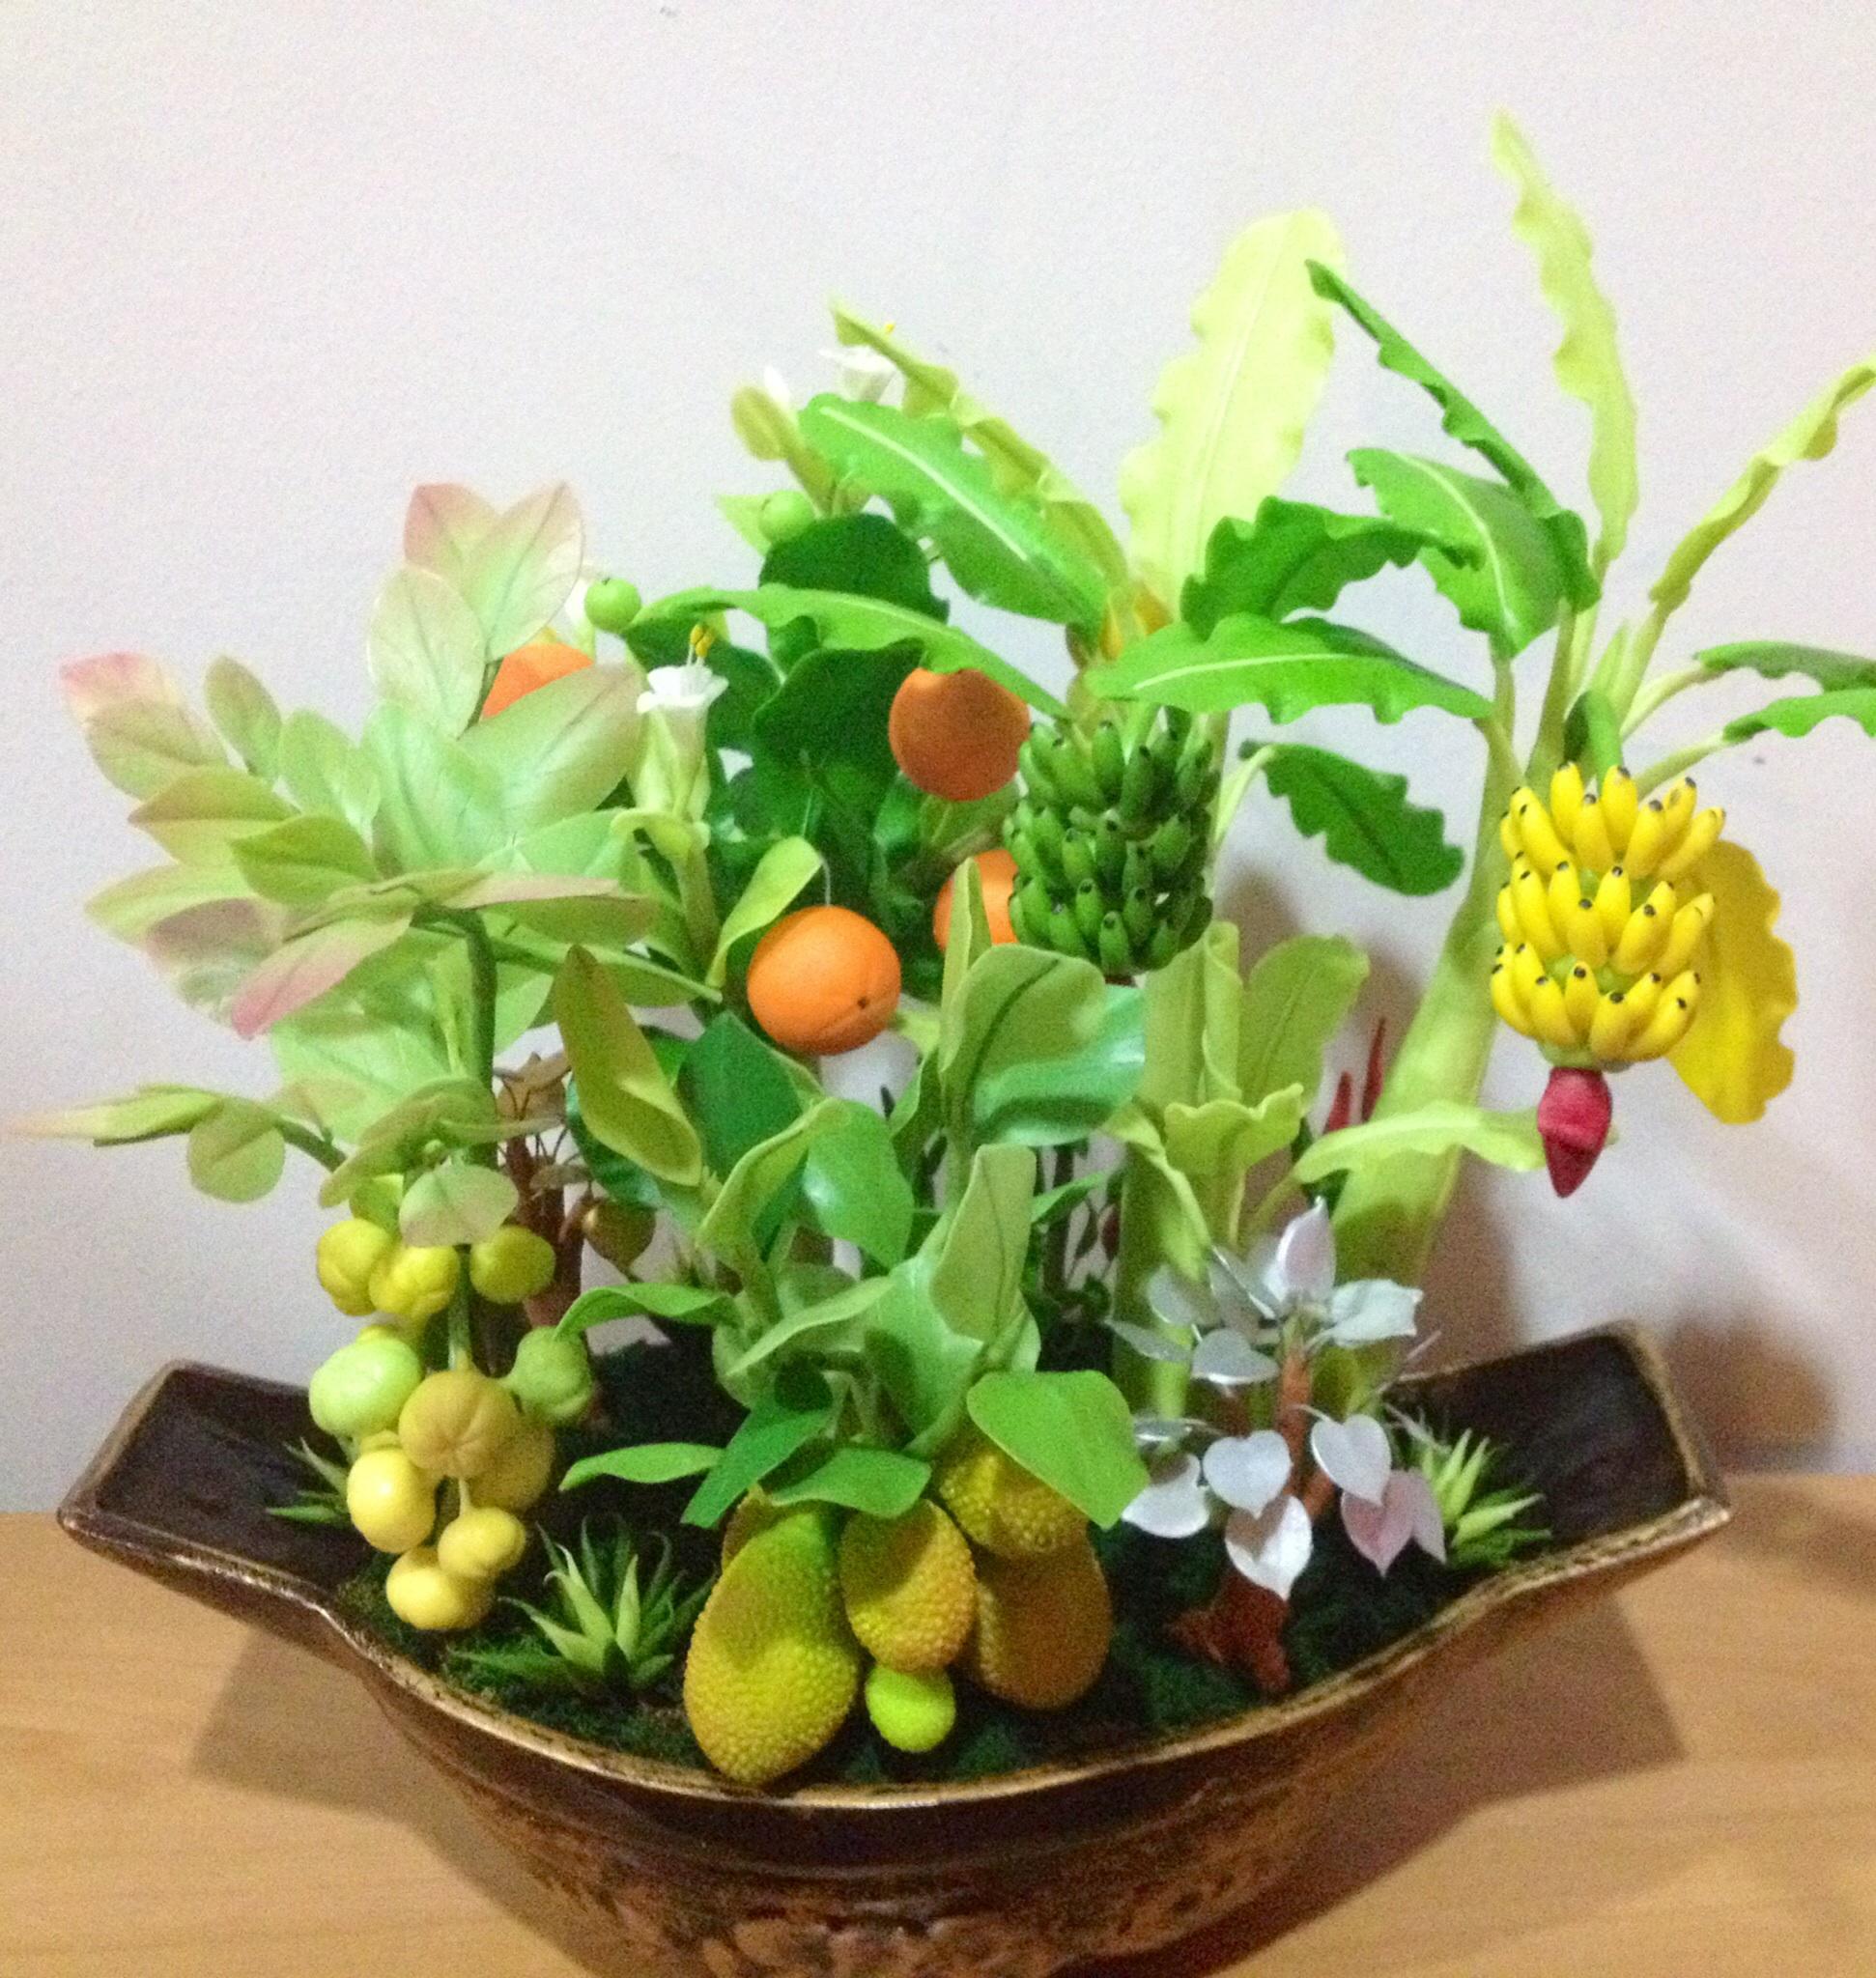 C011-สวนต้นไม้มงคล มะยม ส้ม ขนุน กล้วย_ไซร์ 4-6 นิ้ว